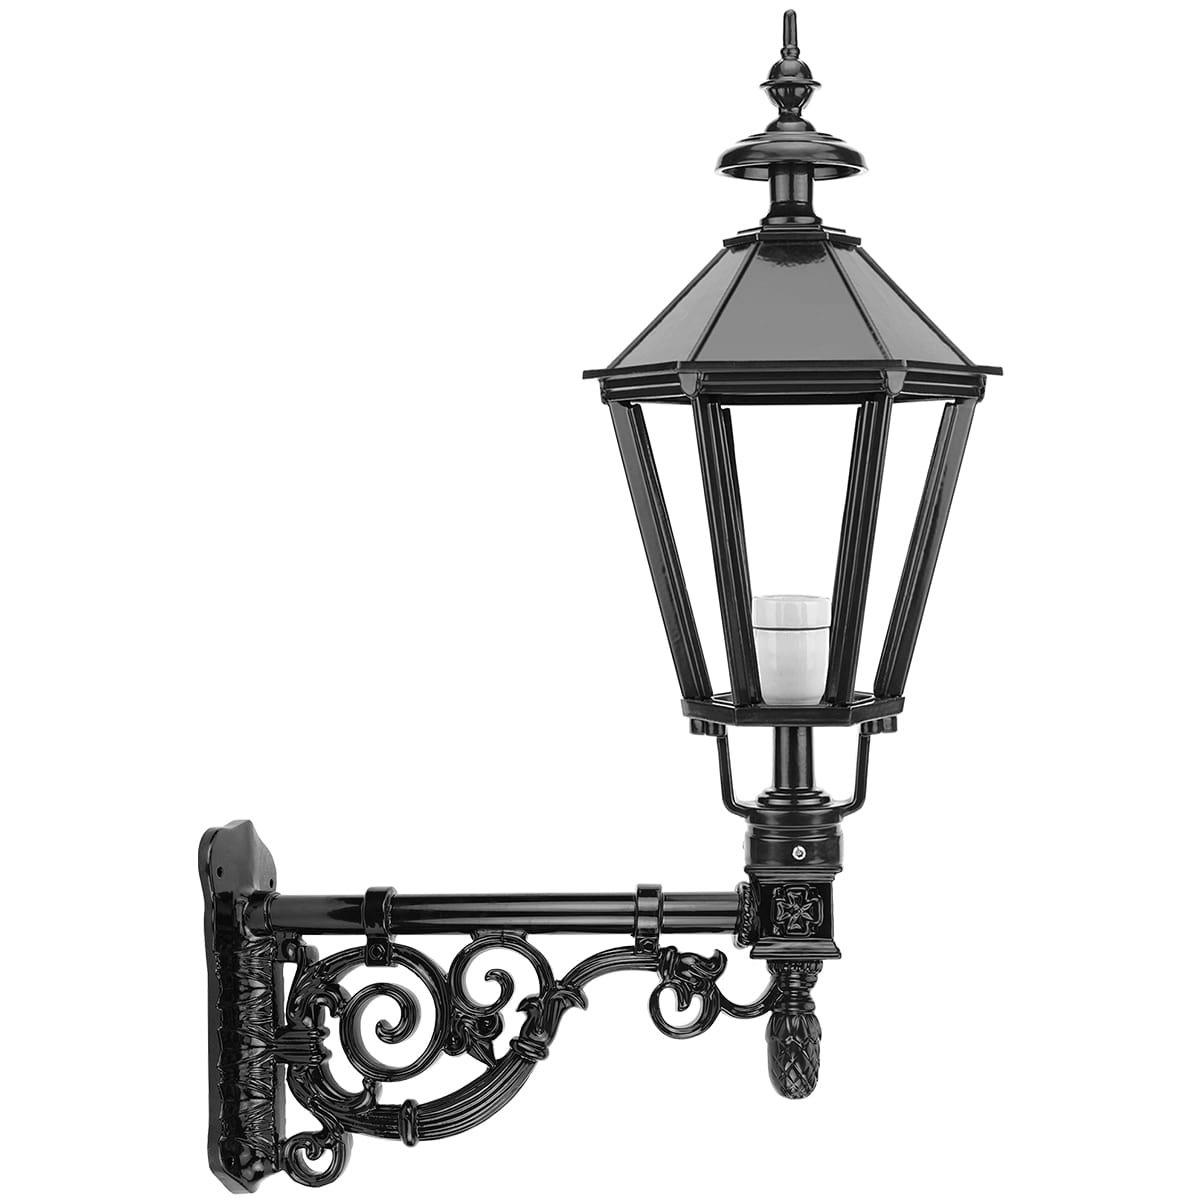 Außenbeleuchtung Klassisch Ländlich Mauerlaterne antikes stil Zwartsluis - 103 cm